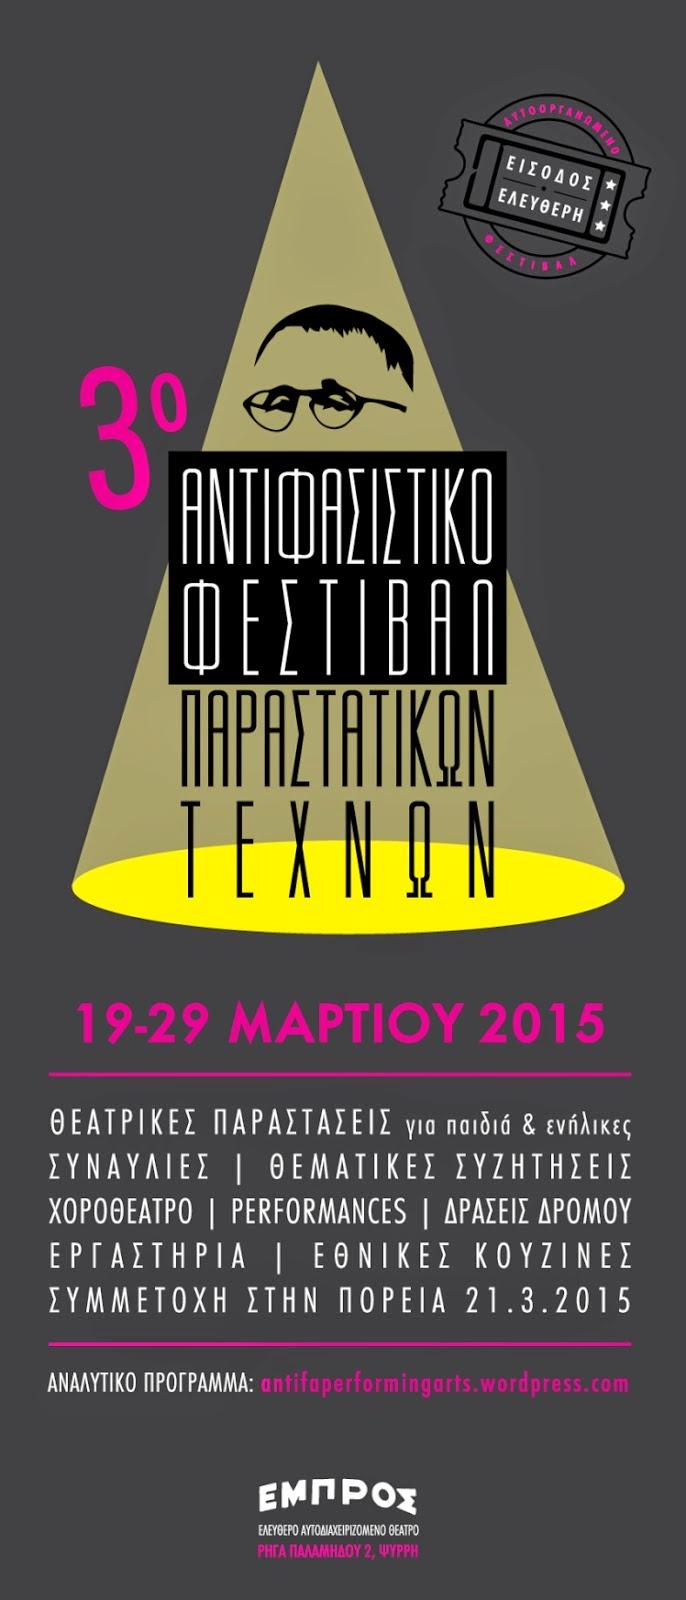 3o Αντιφασιστικό Φεστιβάλ Παραστατικών Τεχνών